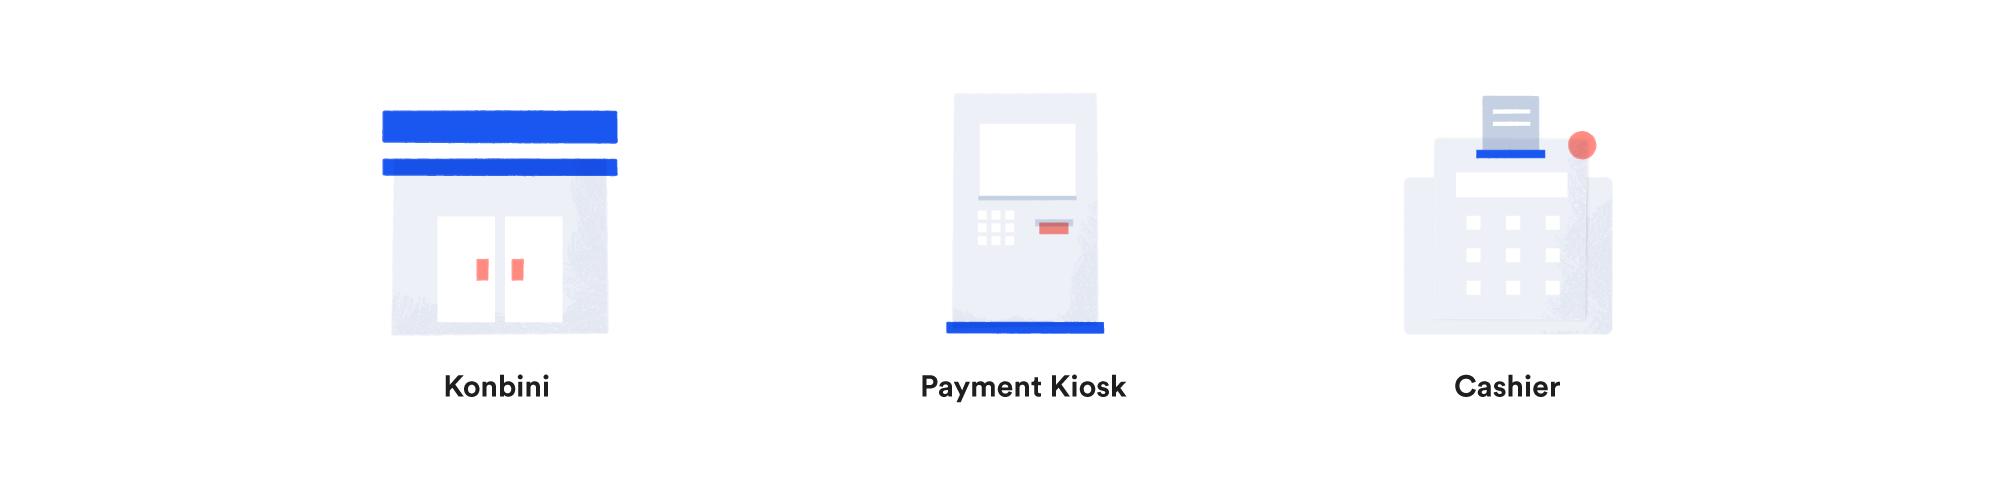 Convenience Store payment flow